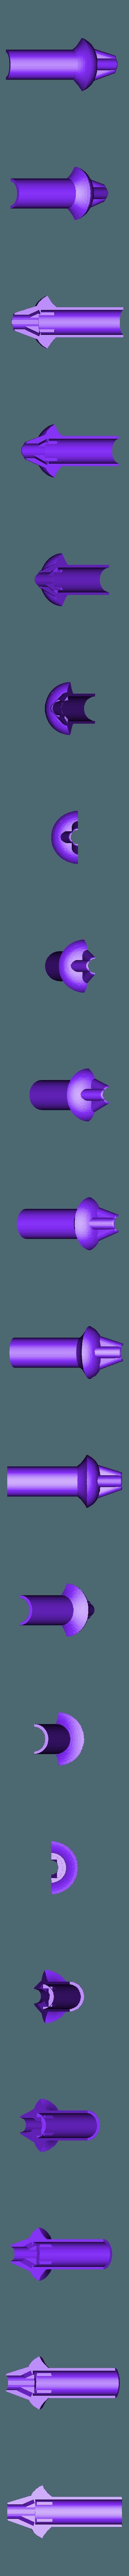 MS-Pommel.stl Download free STL file LED Zelda Master • 3D printable template, Adafruit